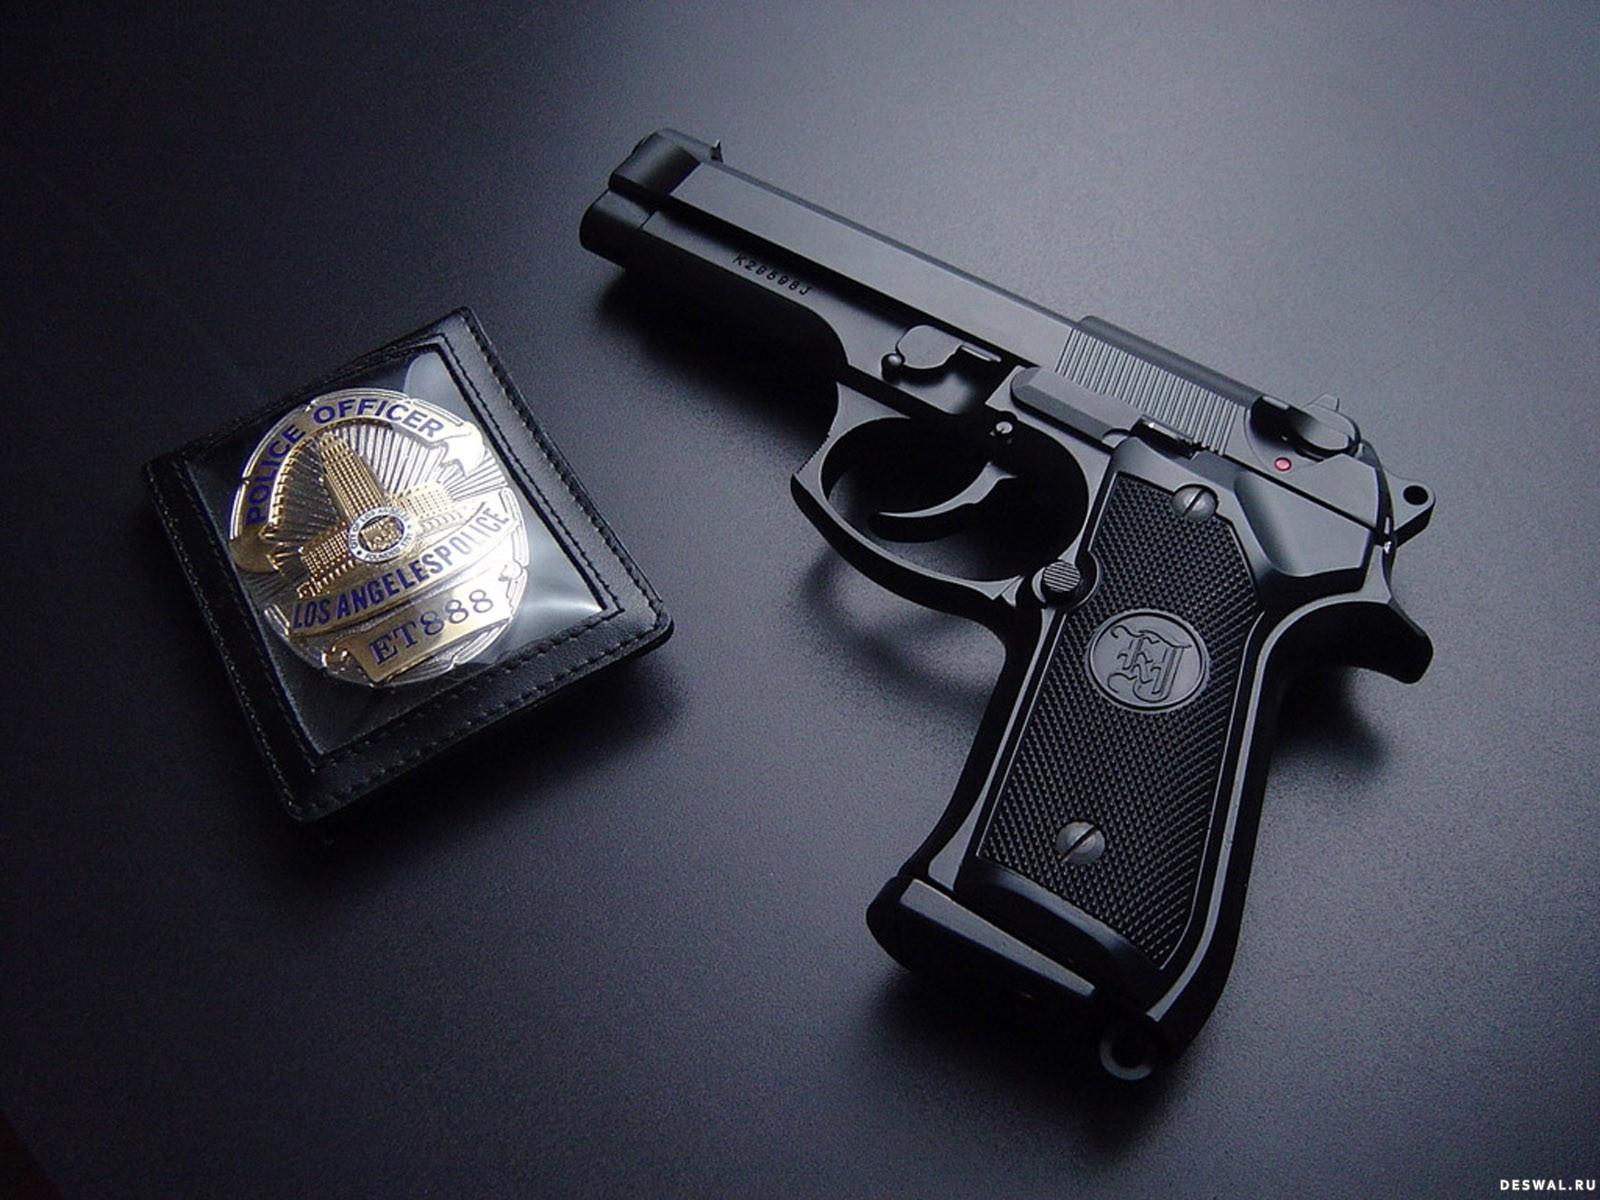 Фото 92. Нажмите на картинку с обоями оружия, чтобы просмотреть ее в реальном размере